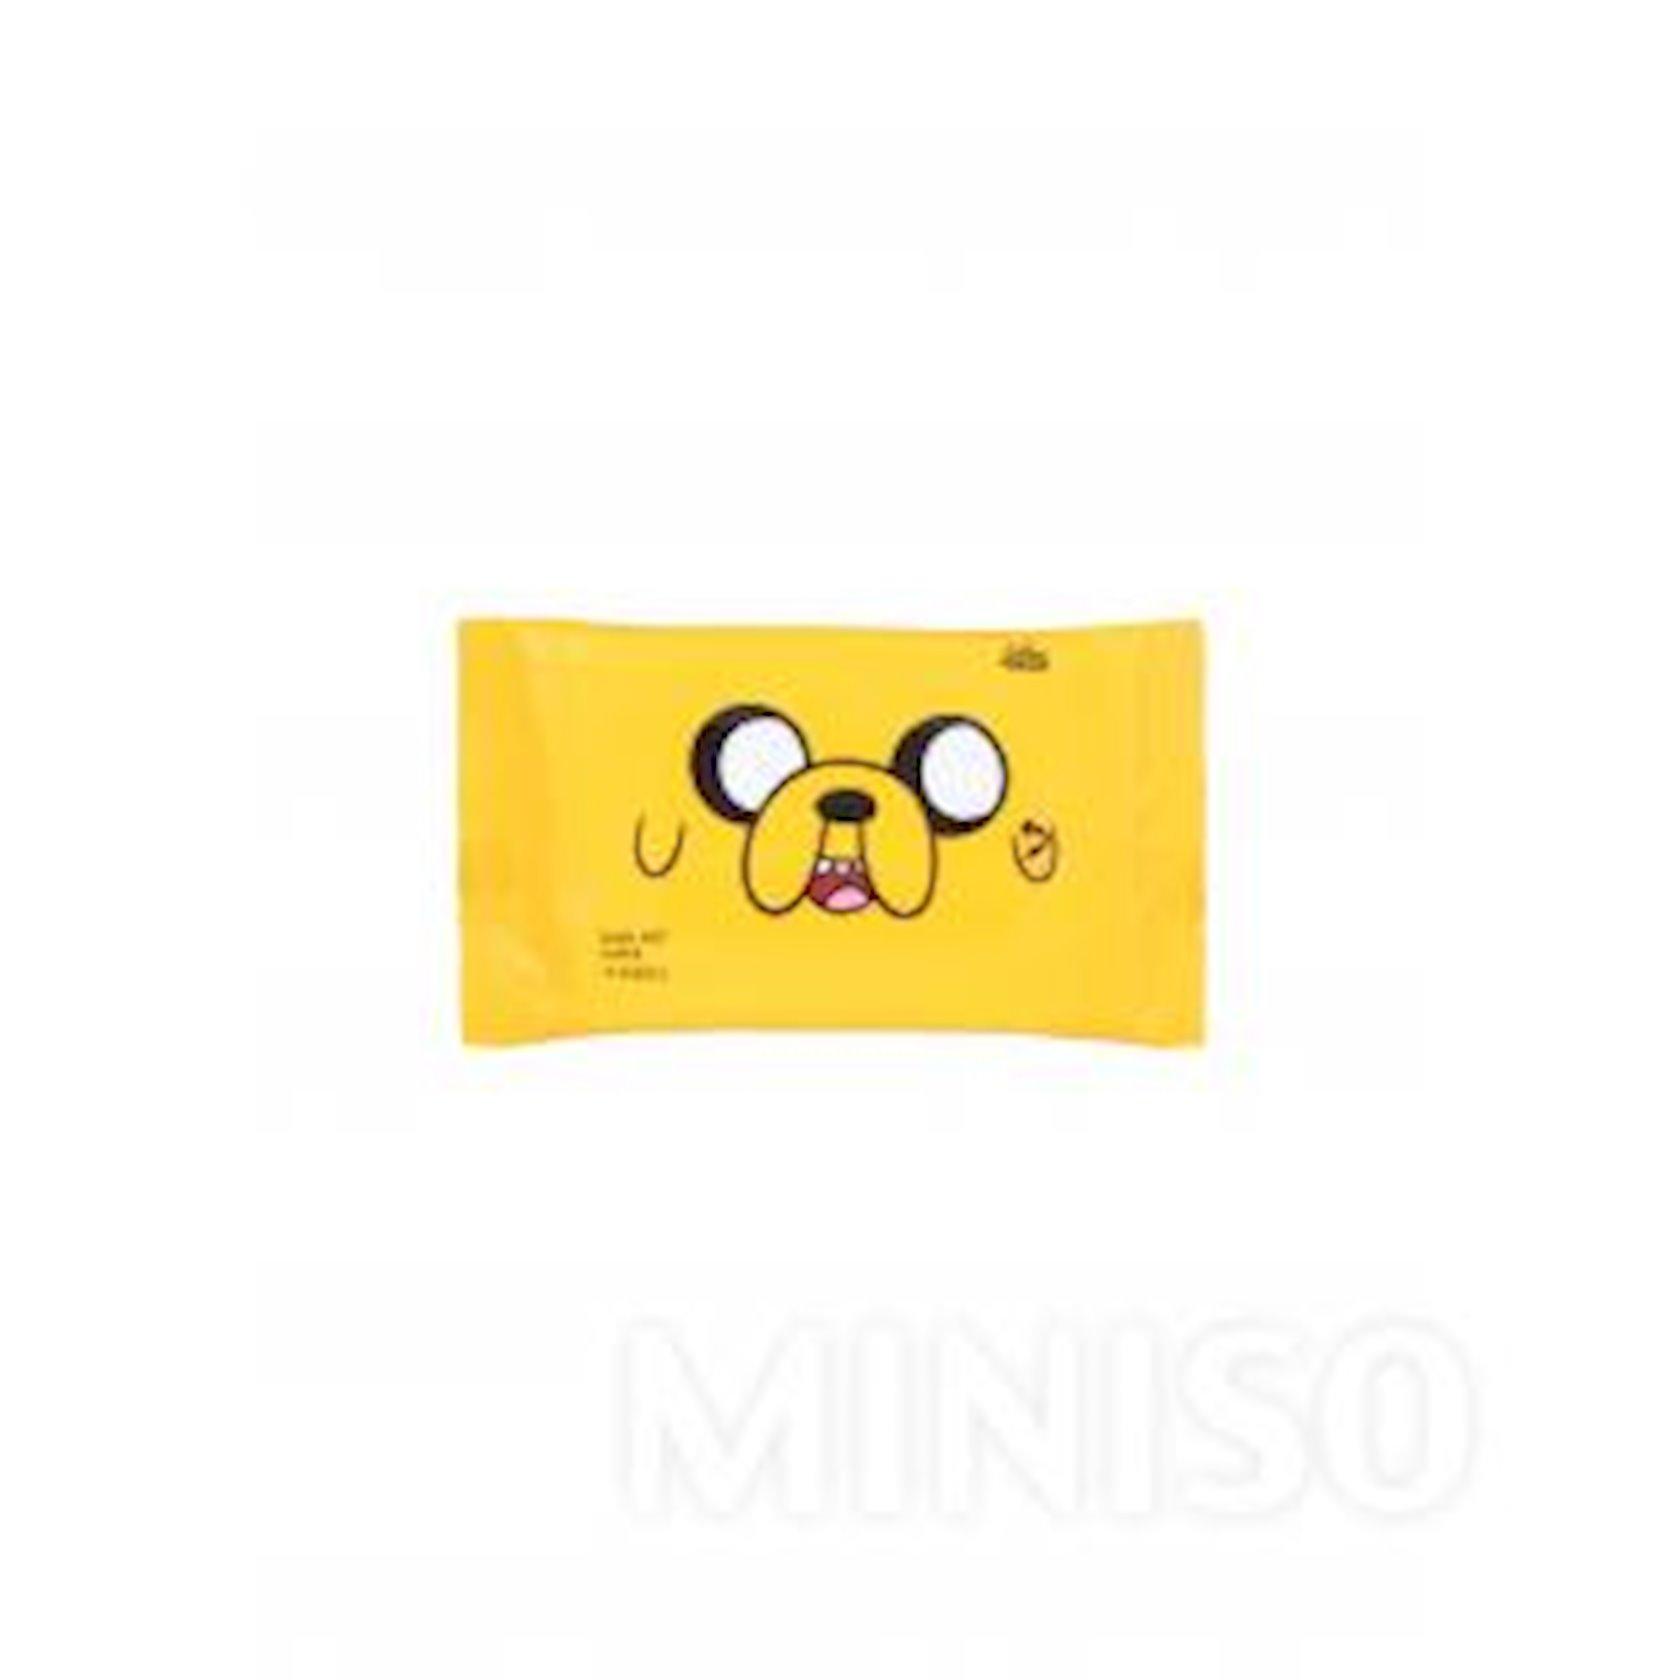 Uşaq nəm salfetləri Miniso Adventure Time (5 əd. x 10 salfet)